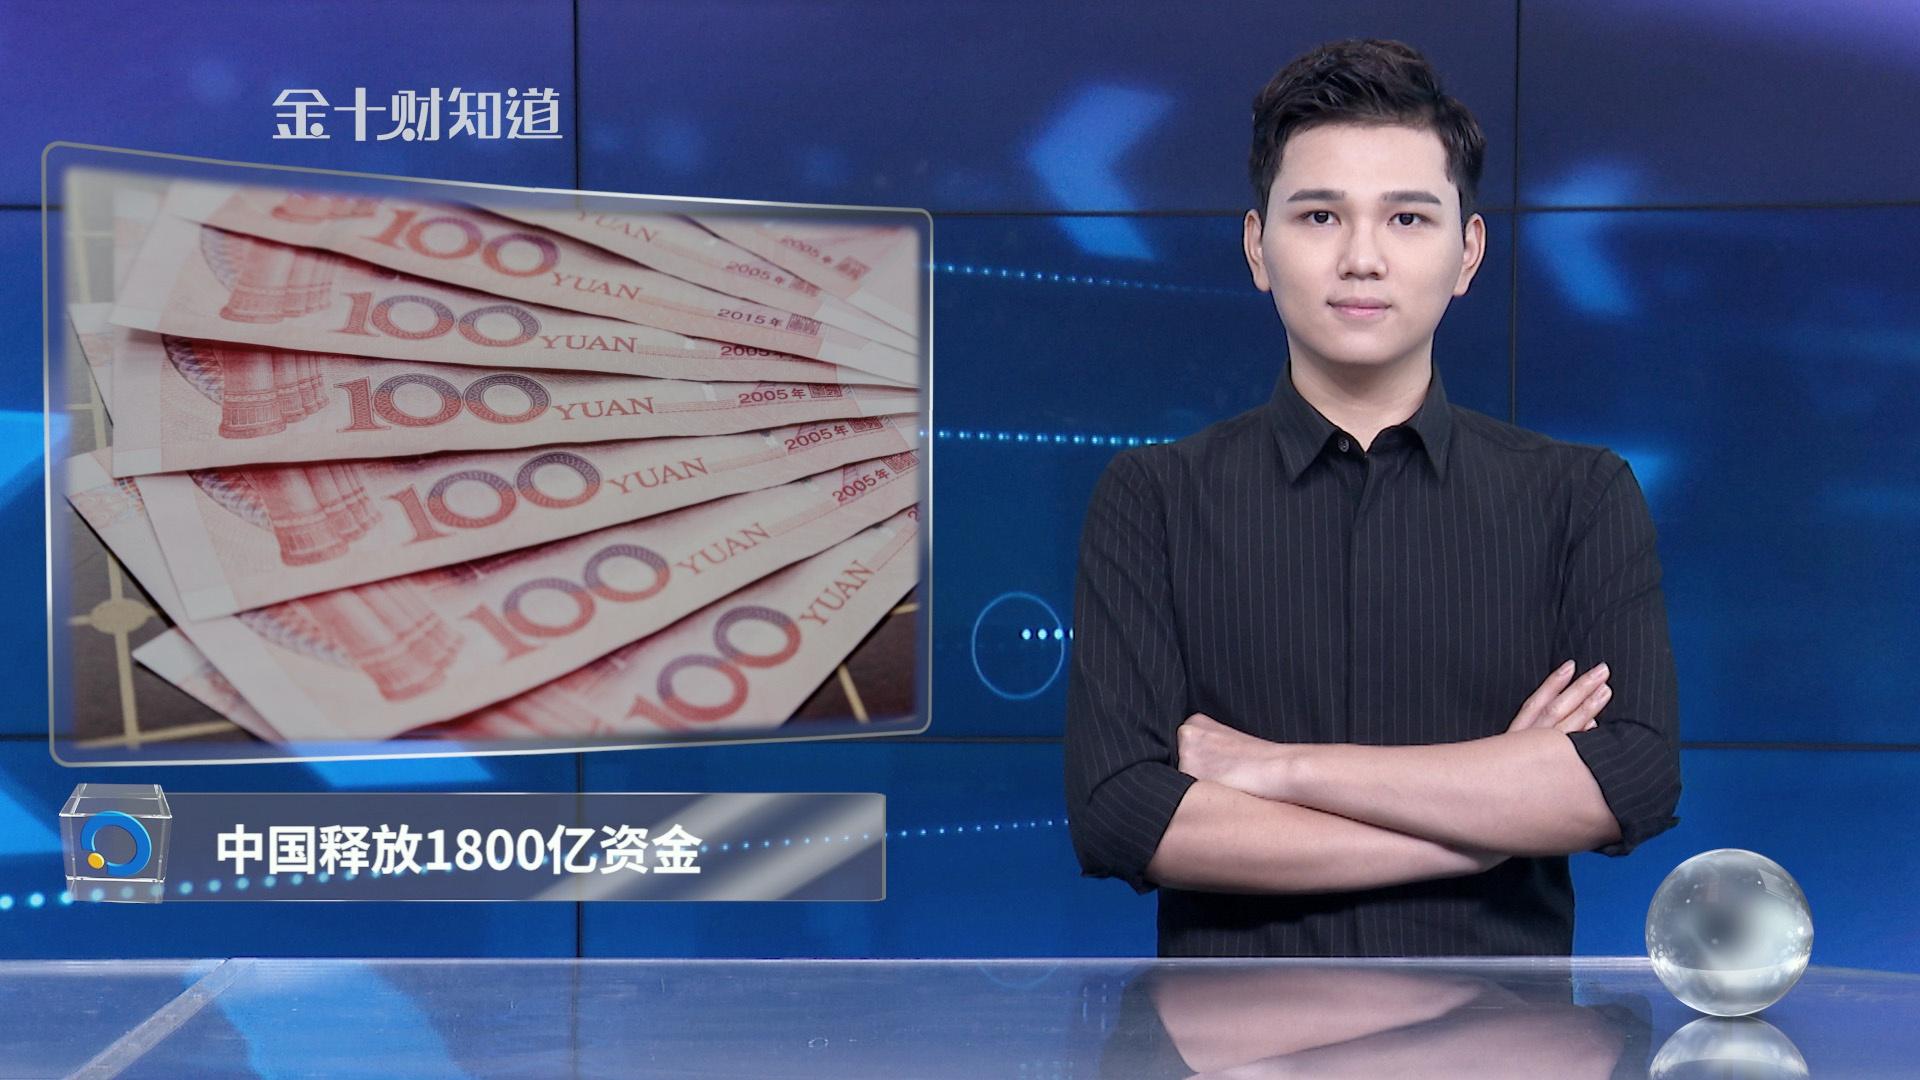 """再次""""降息"""",中国释放1800亿资金!美国或沦为""""香蕉共和国""""?"""